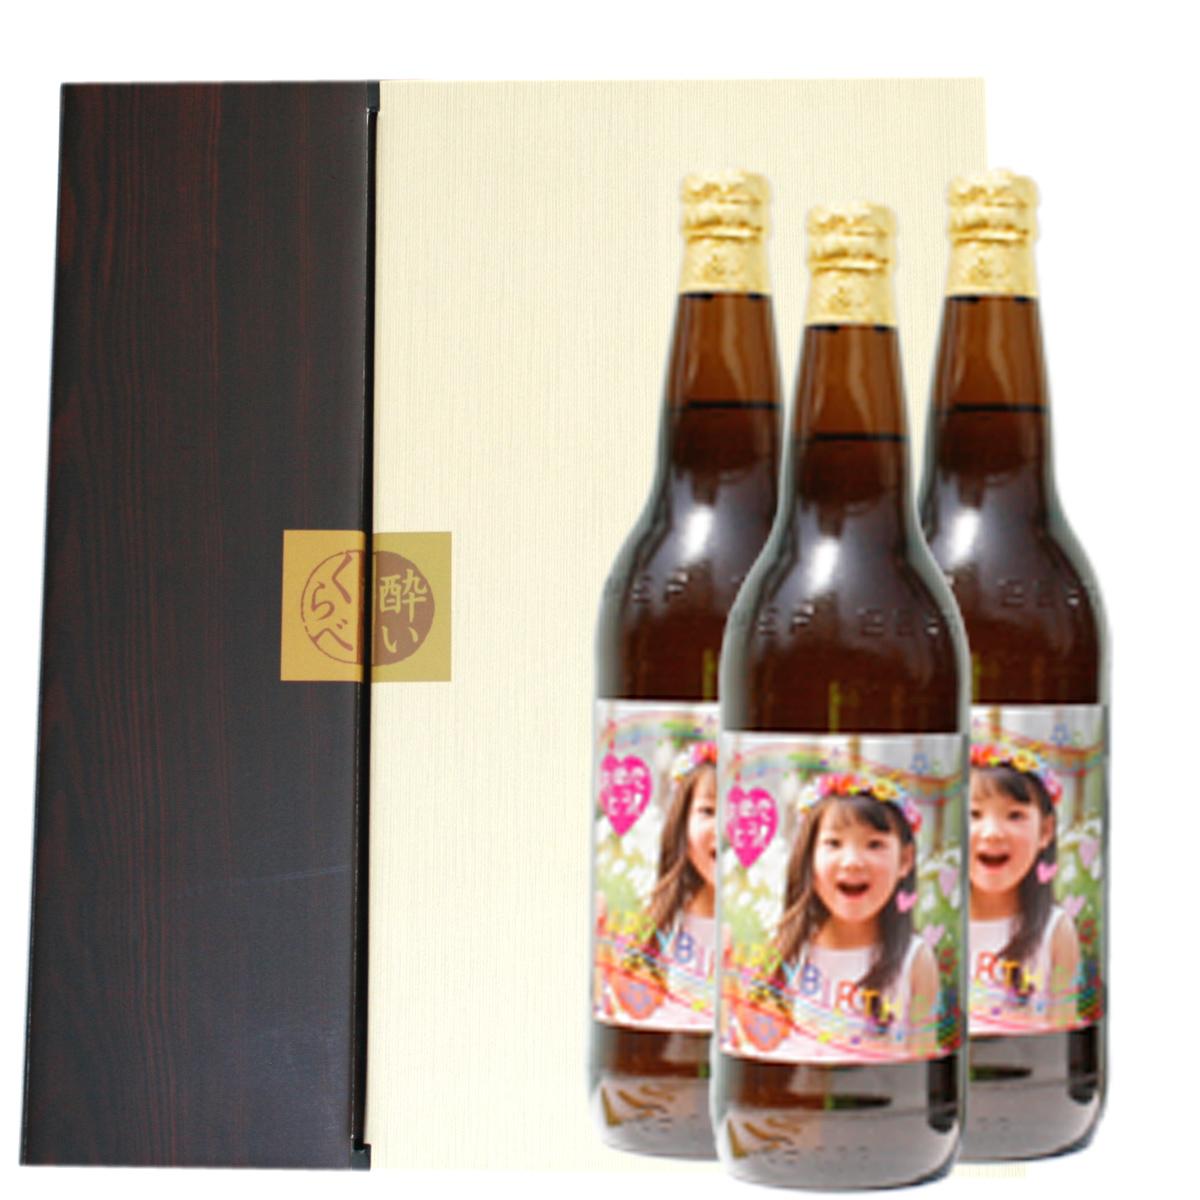 【snapbee】オリジナル写真ラベルのビール 大瓶×3本 アサヒドライ キリンラガー